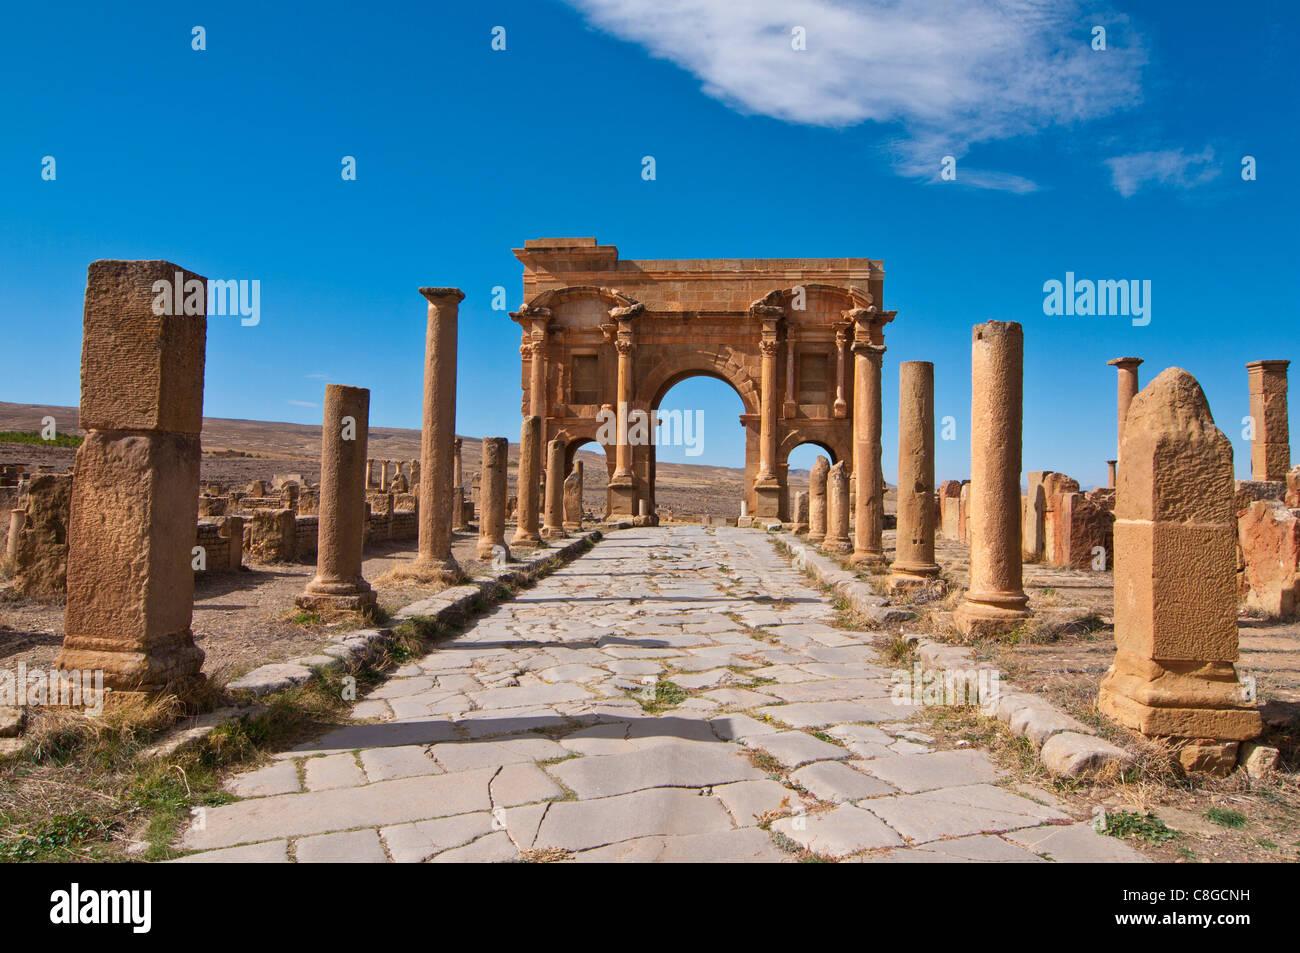 Les vestiges romains, Timgad, Site du patrimoine mondial de l'UNESCO, l'Algérie, l'Afrique du Nord Photo Stock